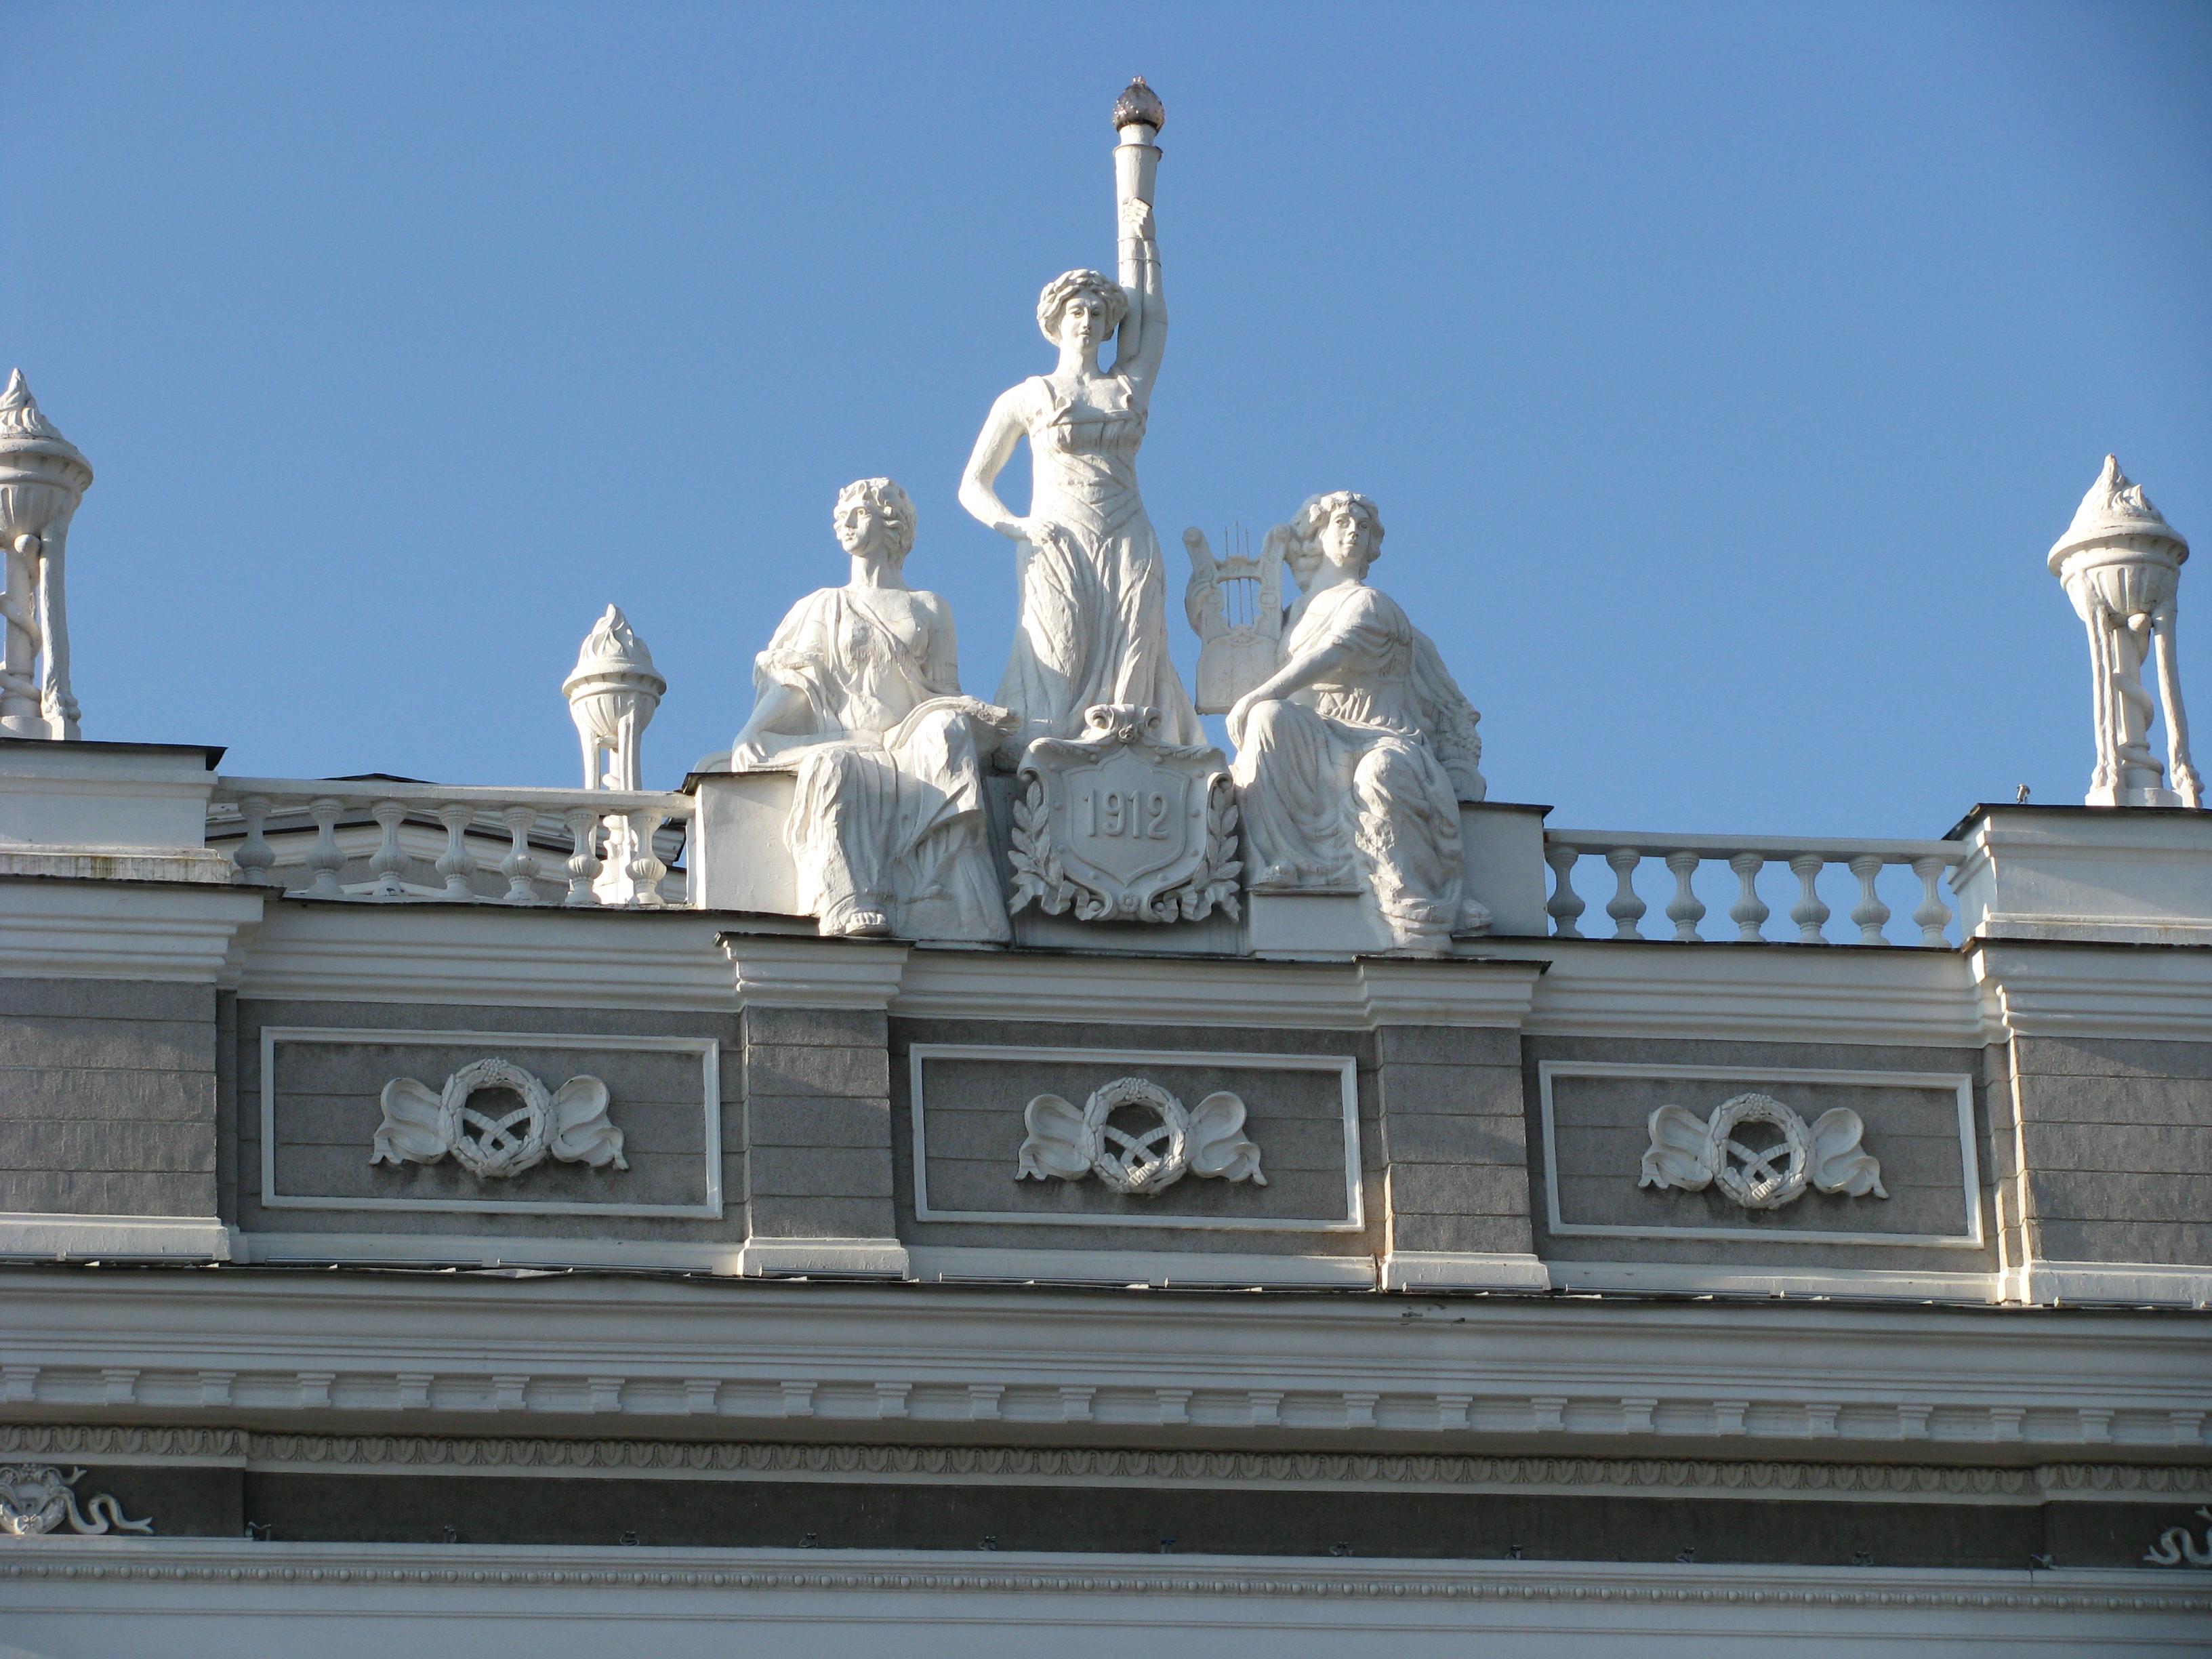 Уральцам покажут сто сезонов чудес Выставка, посвященная столетию оперного театра, откроется в краеведческом музее 28...